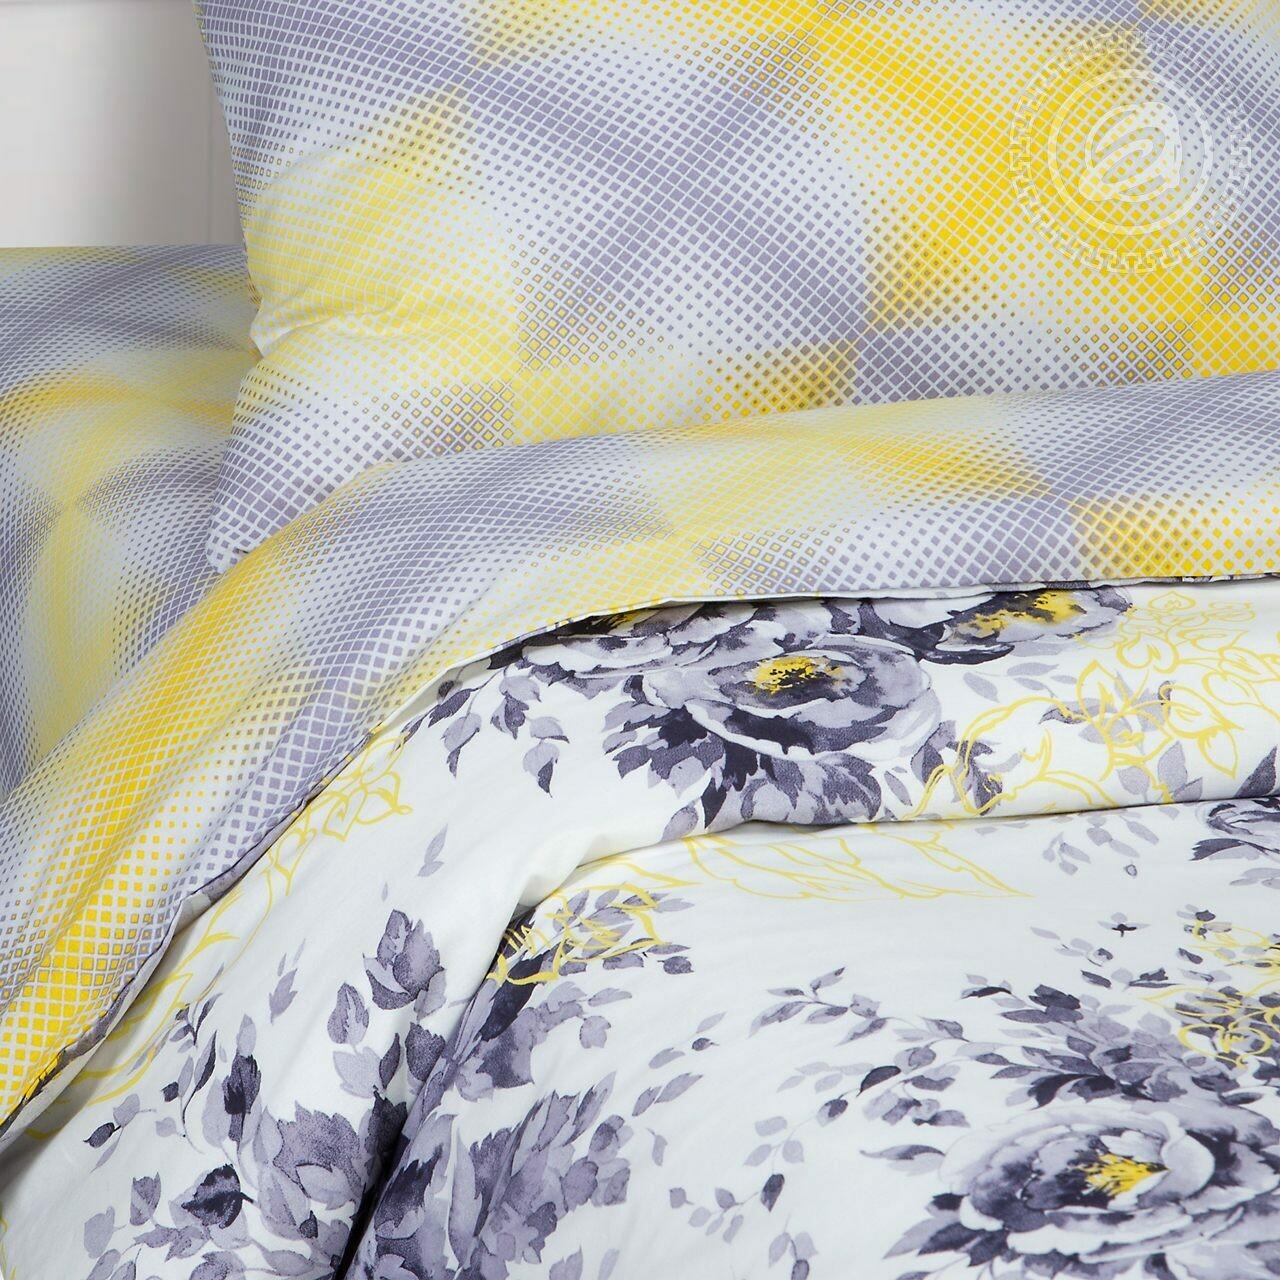 Акварель - DE LUXE  (Комплекты постельного белья)